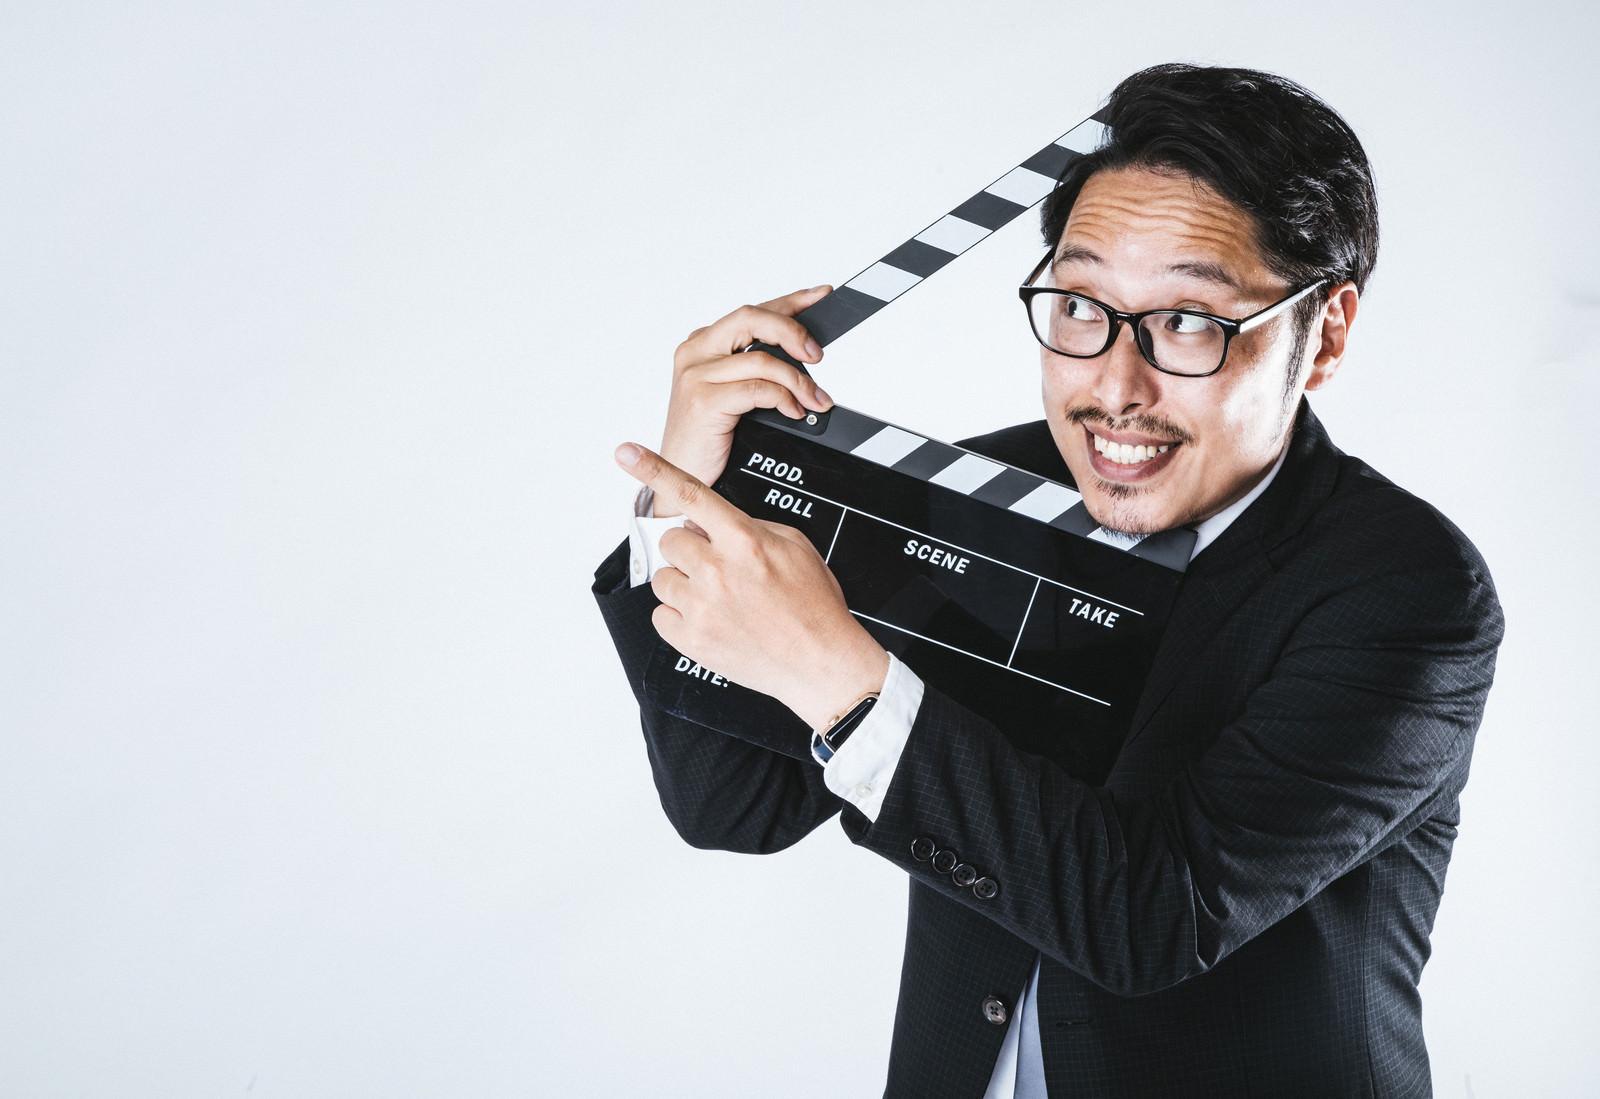 「わたしのオススメの映画はこちら!わたしのオススメの映画はこちら!」[モデル:ゆうせい]のフリー写真素材を拡大